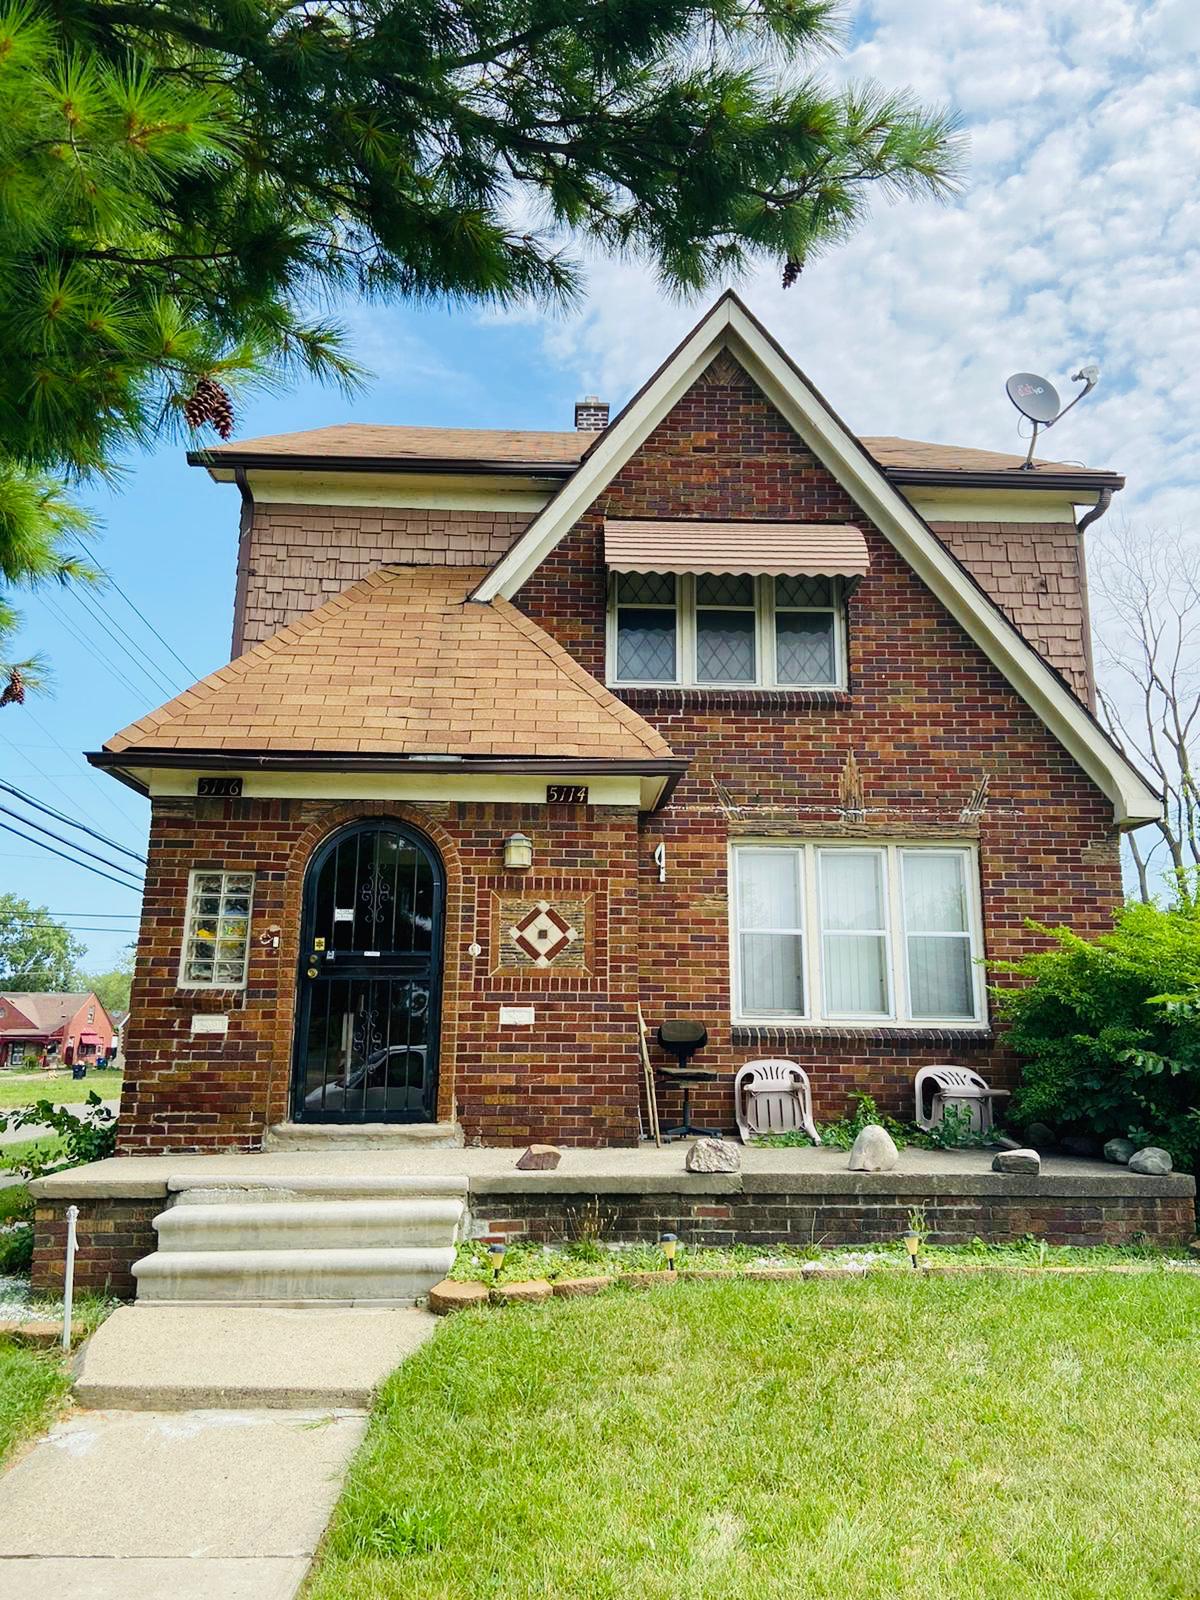 Foto de 5114-16 Notthingham St, Detroit, MI, 48224